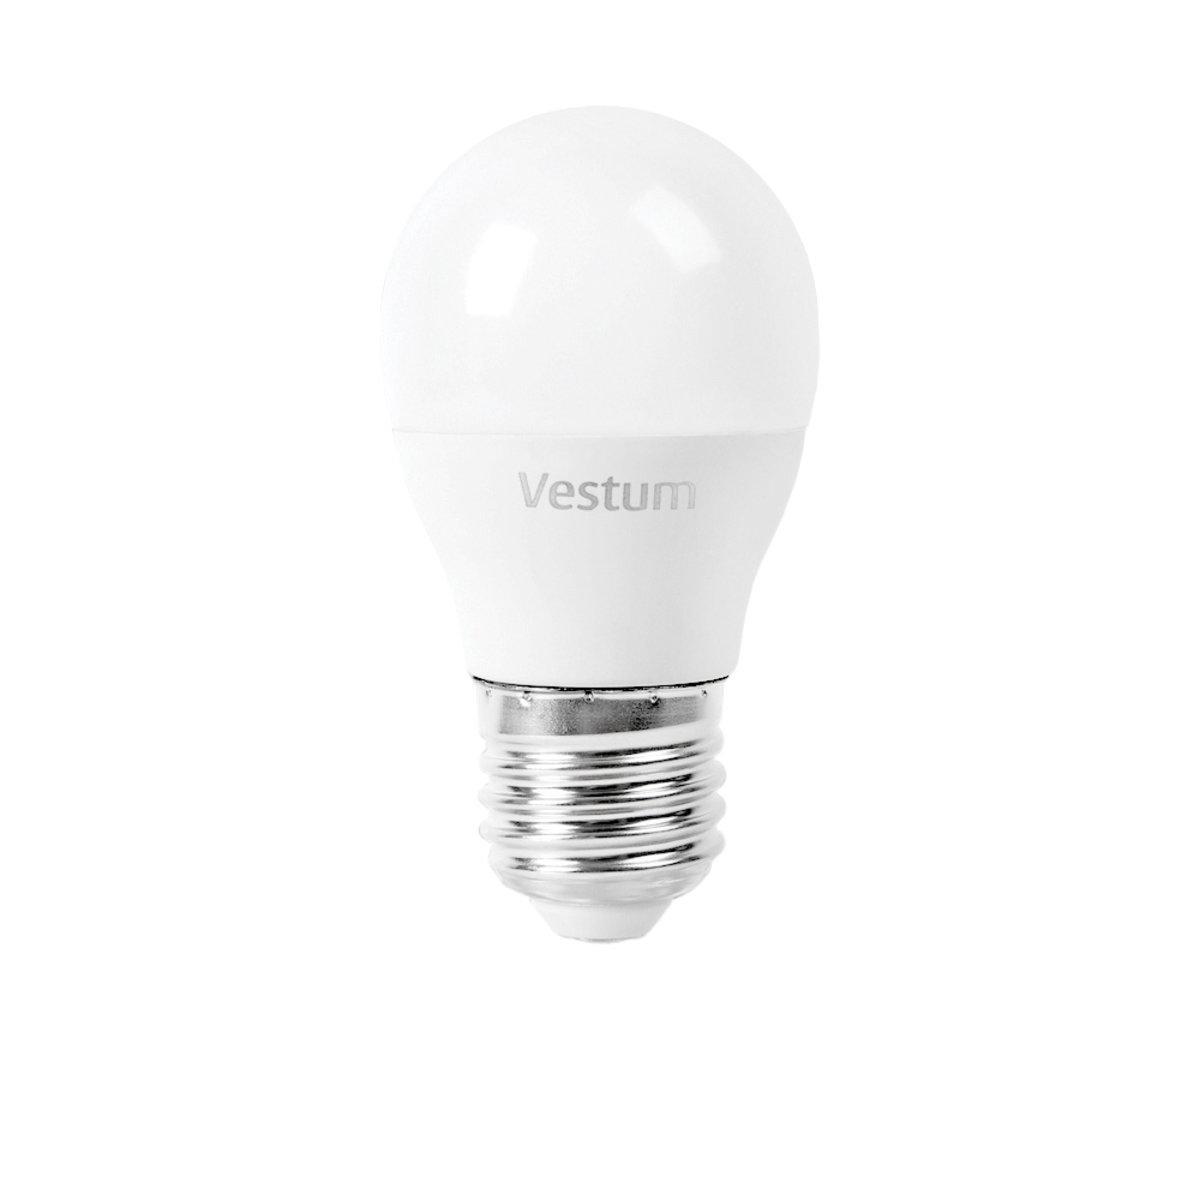 Лампа LED Vestum G45 4W 3000K 220V E27